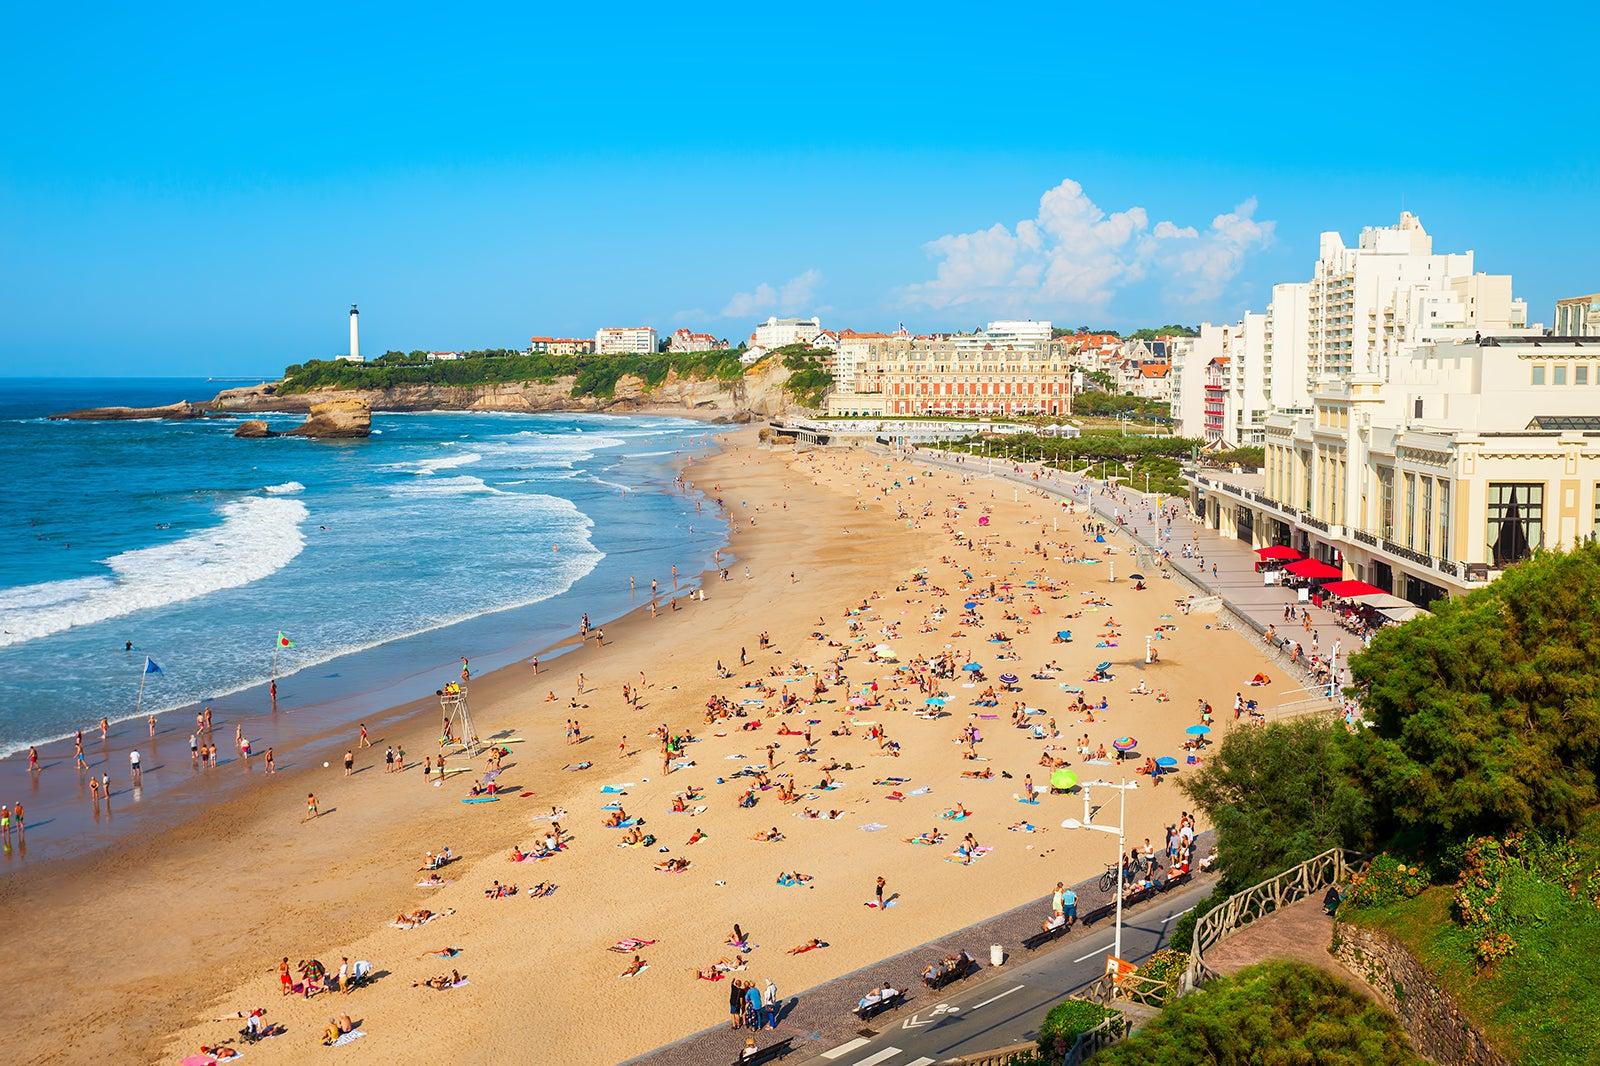 Alla Francese Posizione le 10 migliori spiagge di francia - alla scoperta delle